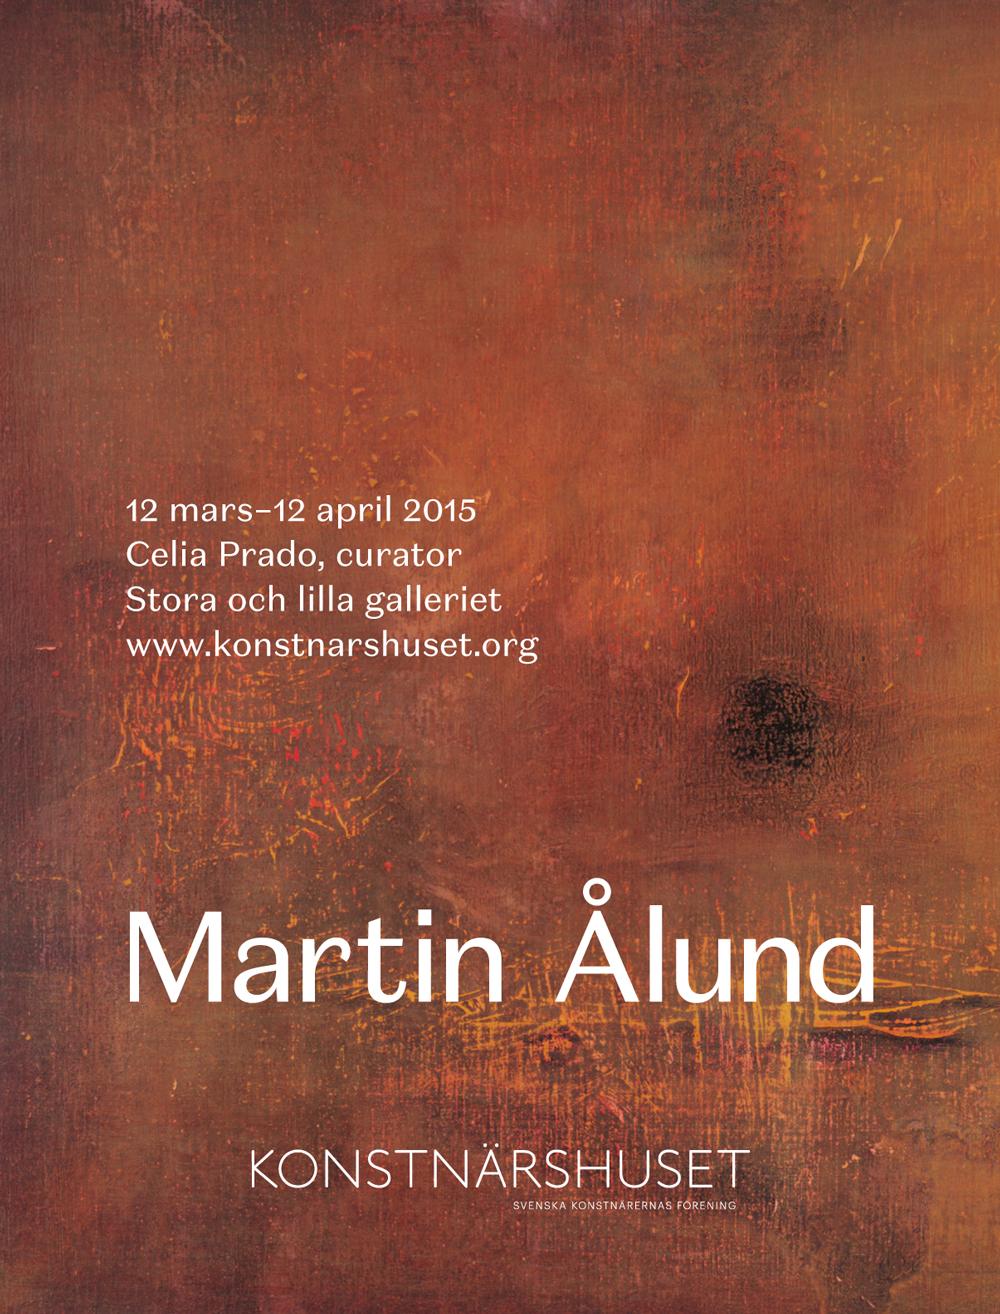 Martin Ålund